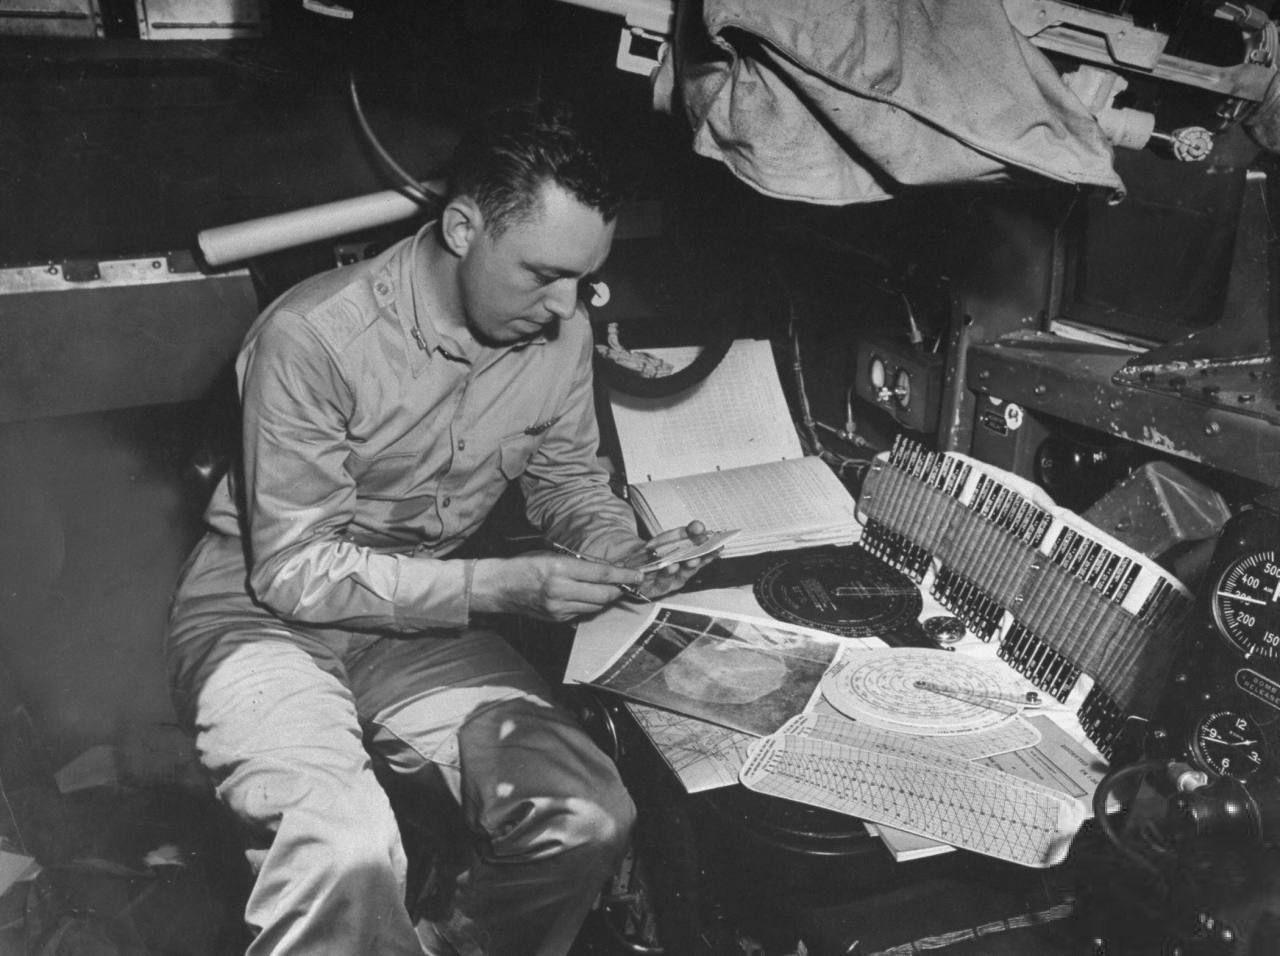 WWII Bombadier captain